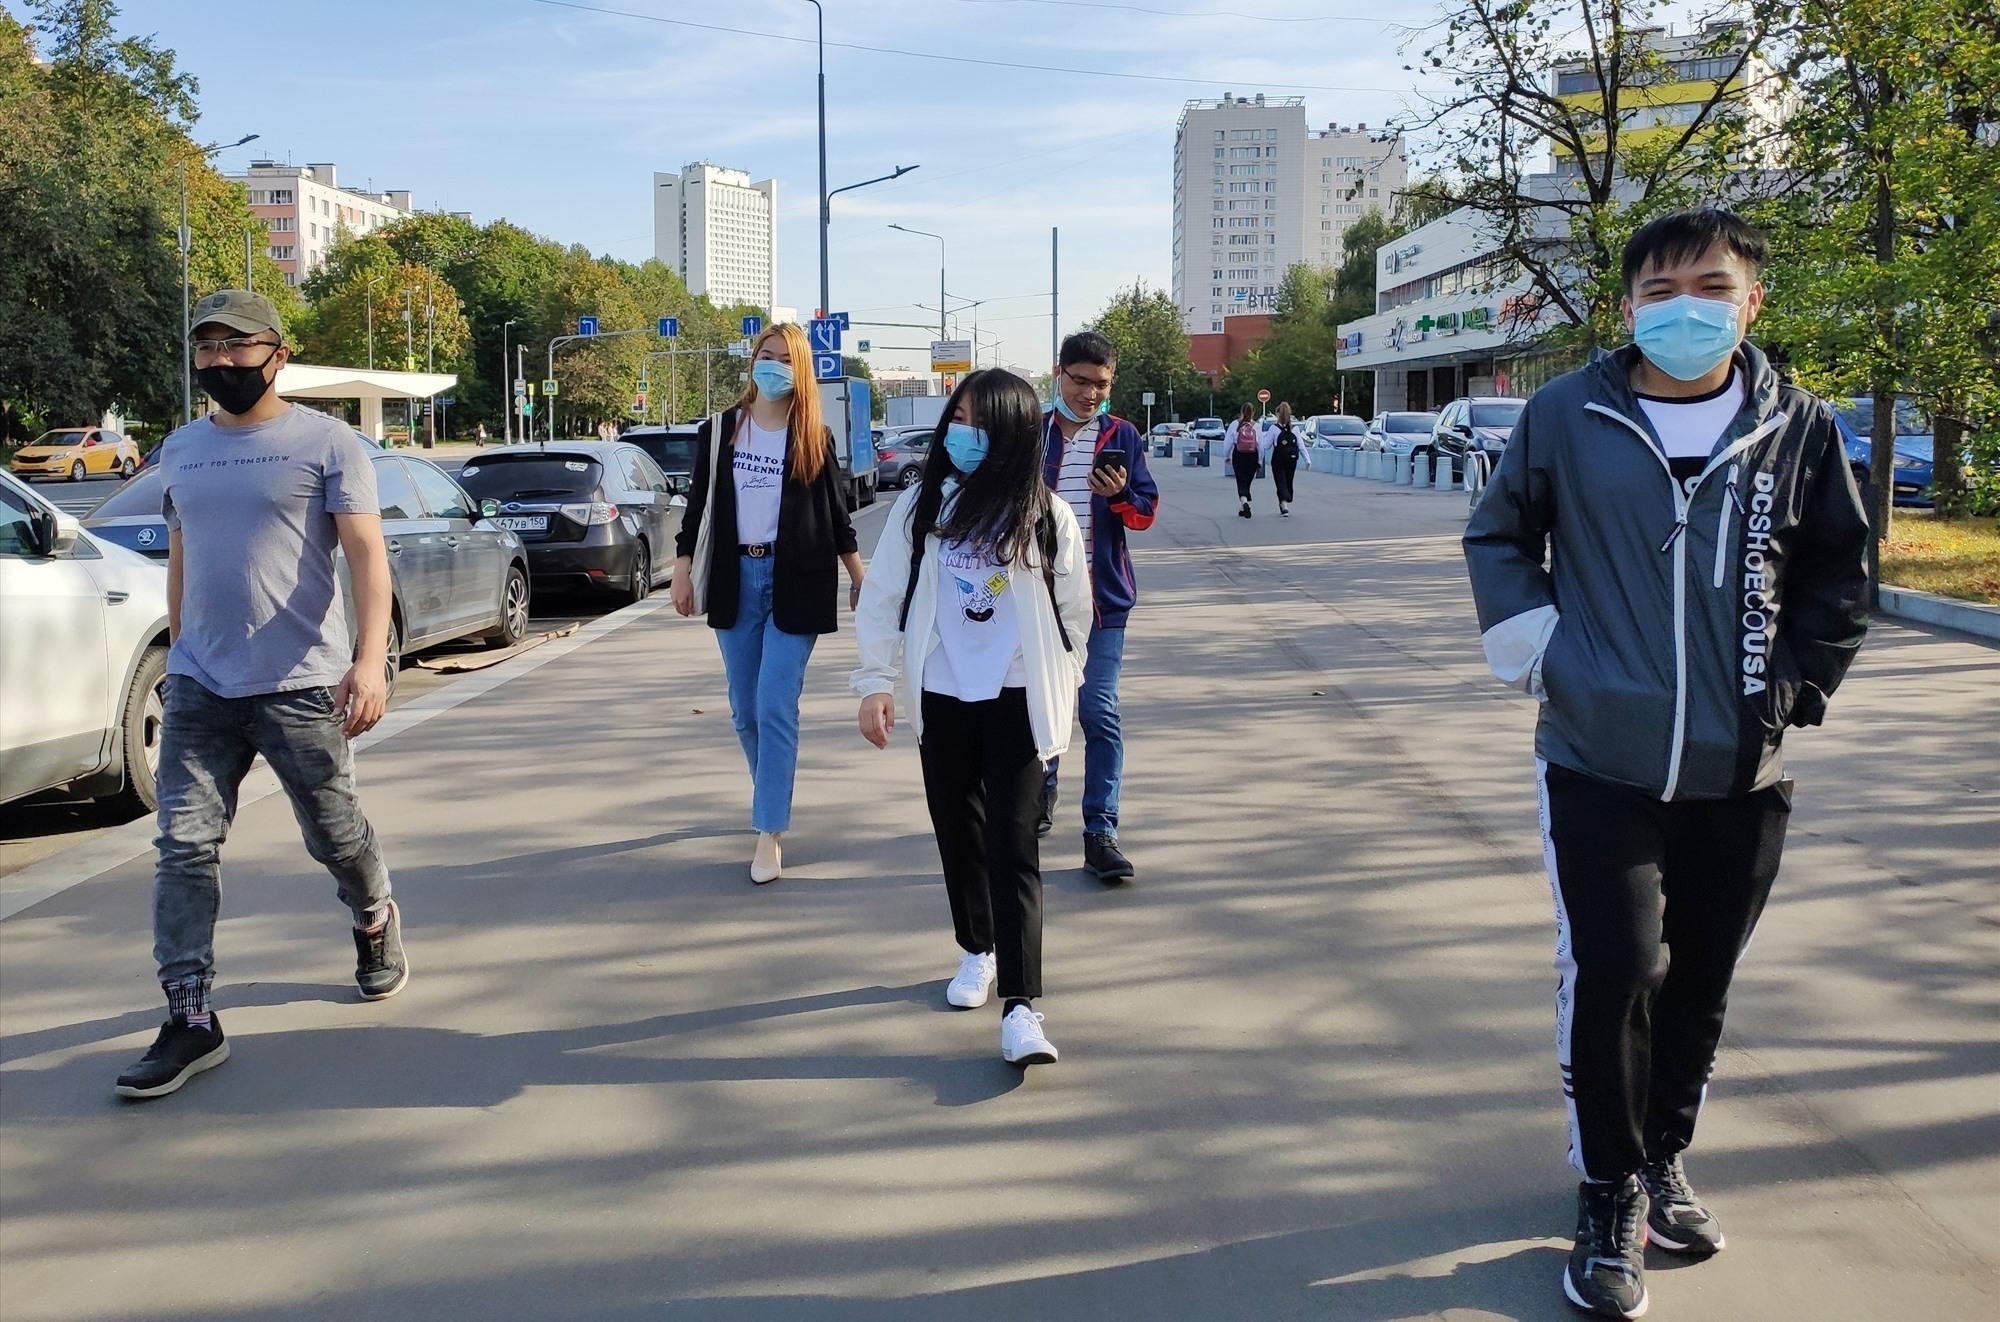 Sinh viên Việt Nam tại Nga bình tĩnh và cẩn trọng trước dịch Covid-19. ẢNH: NGỌC TRÃI